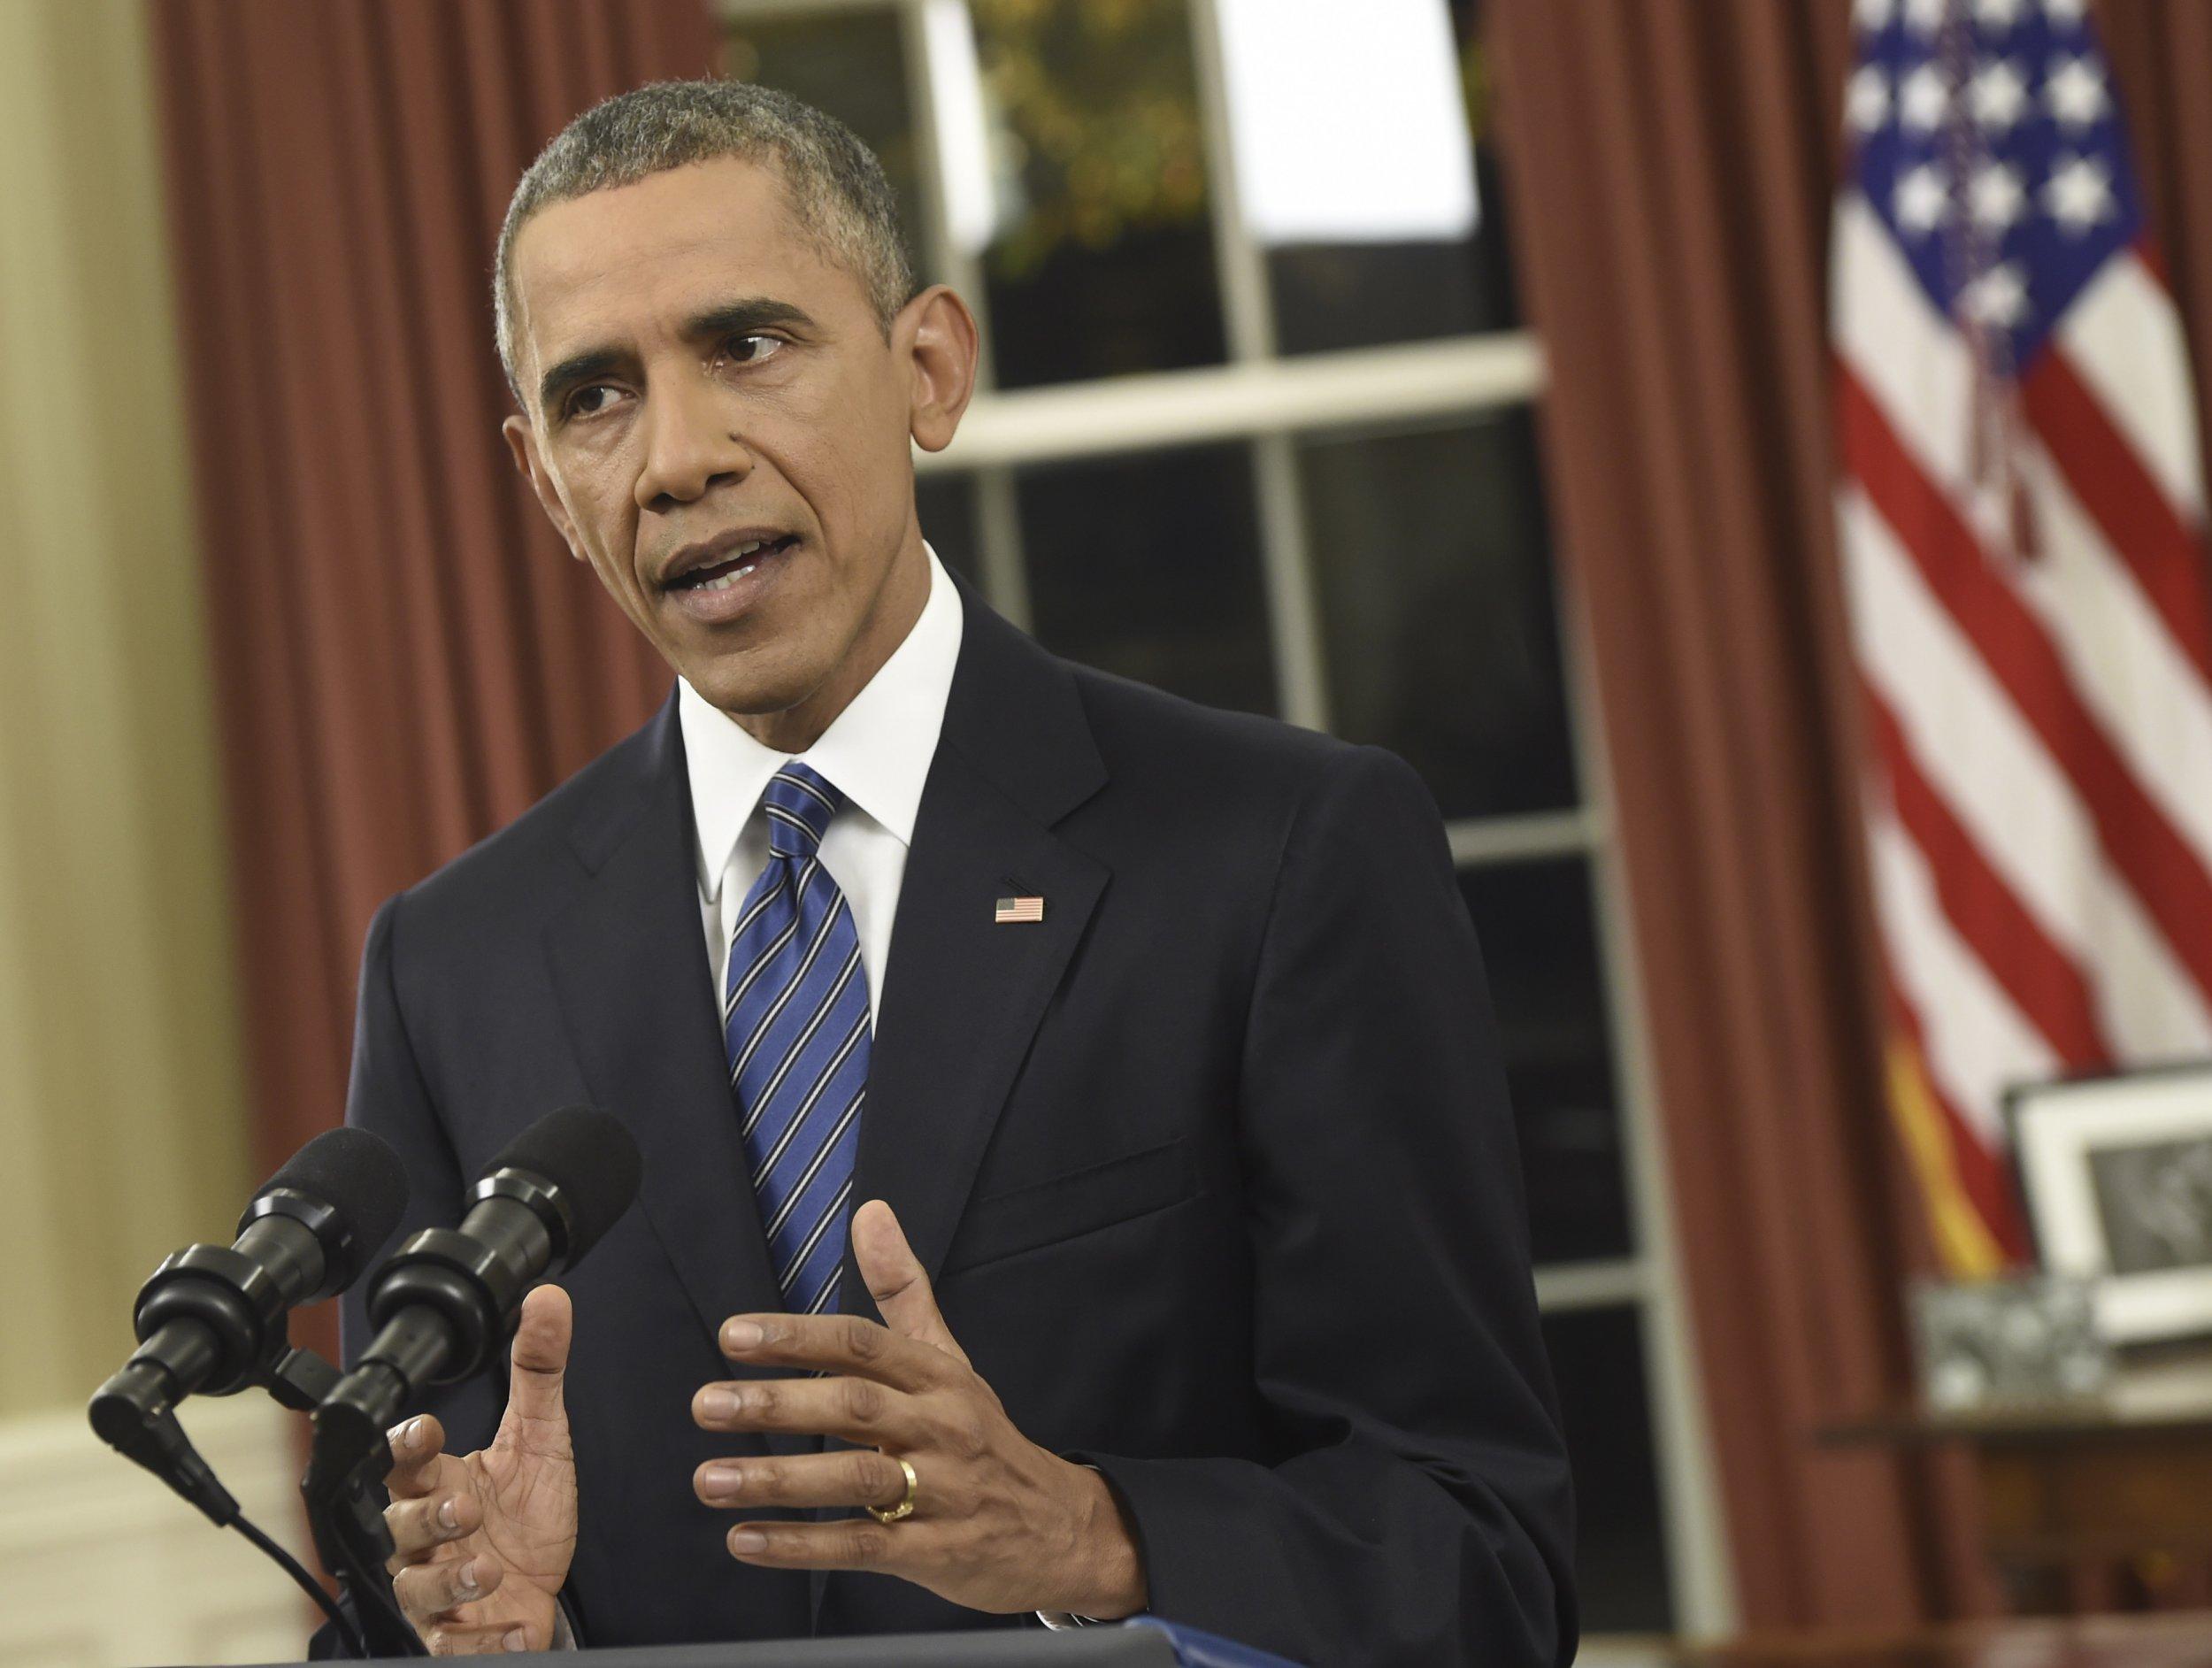 12_07_Obama_Oval_Office_02